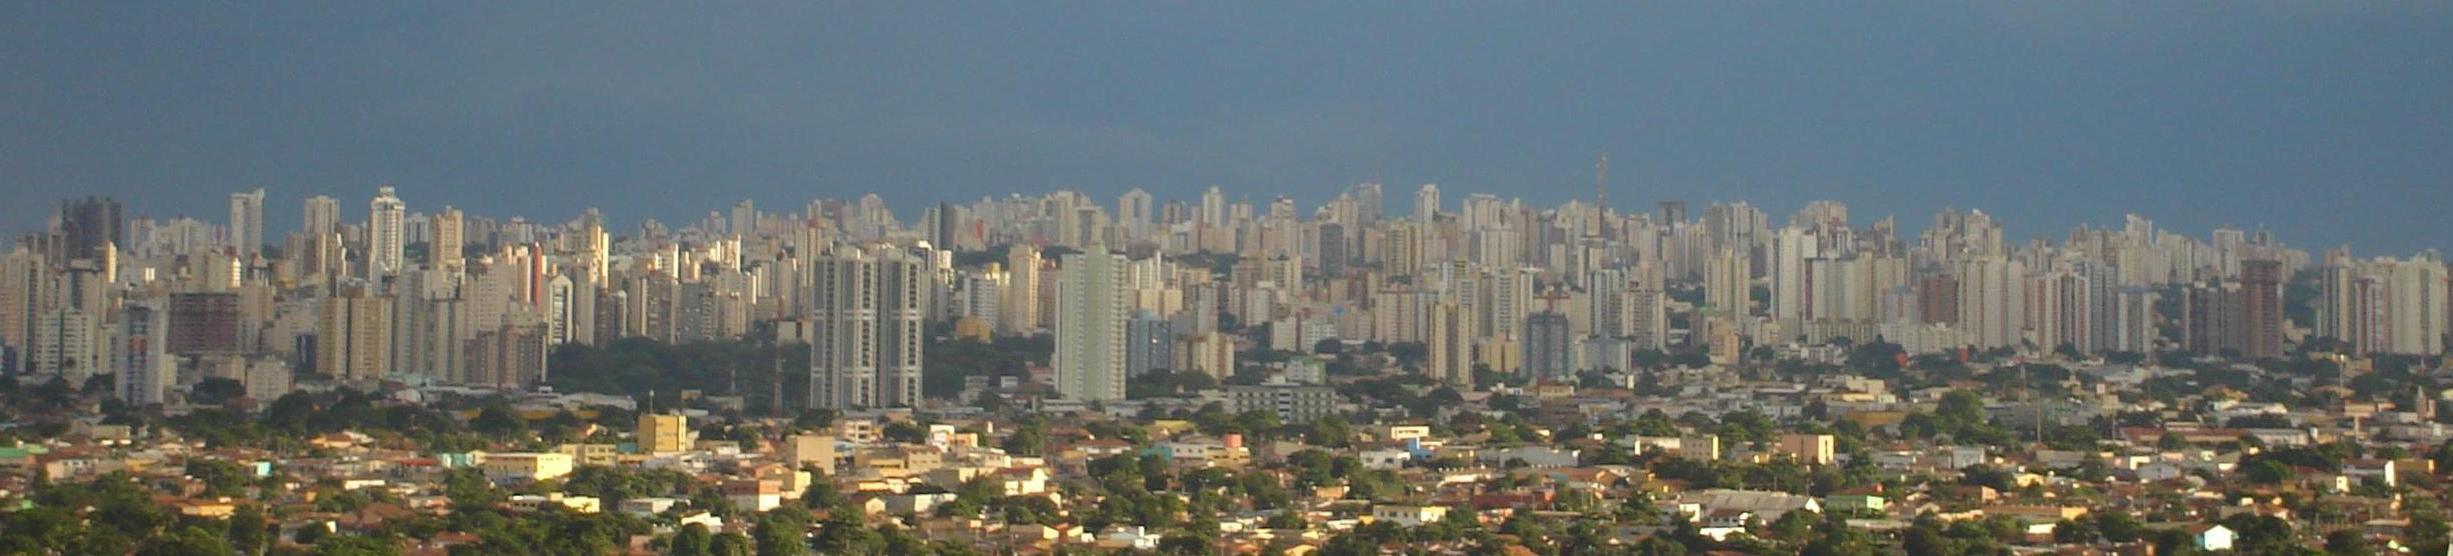 Goiânia_Skyline